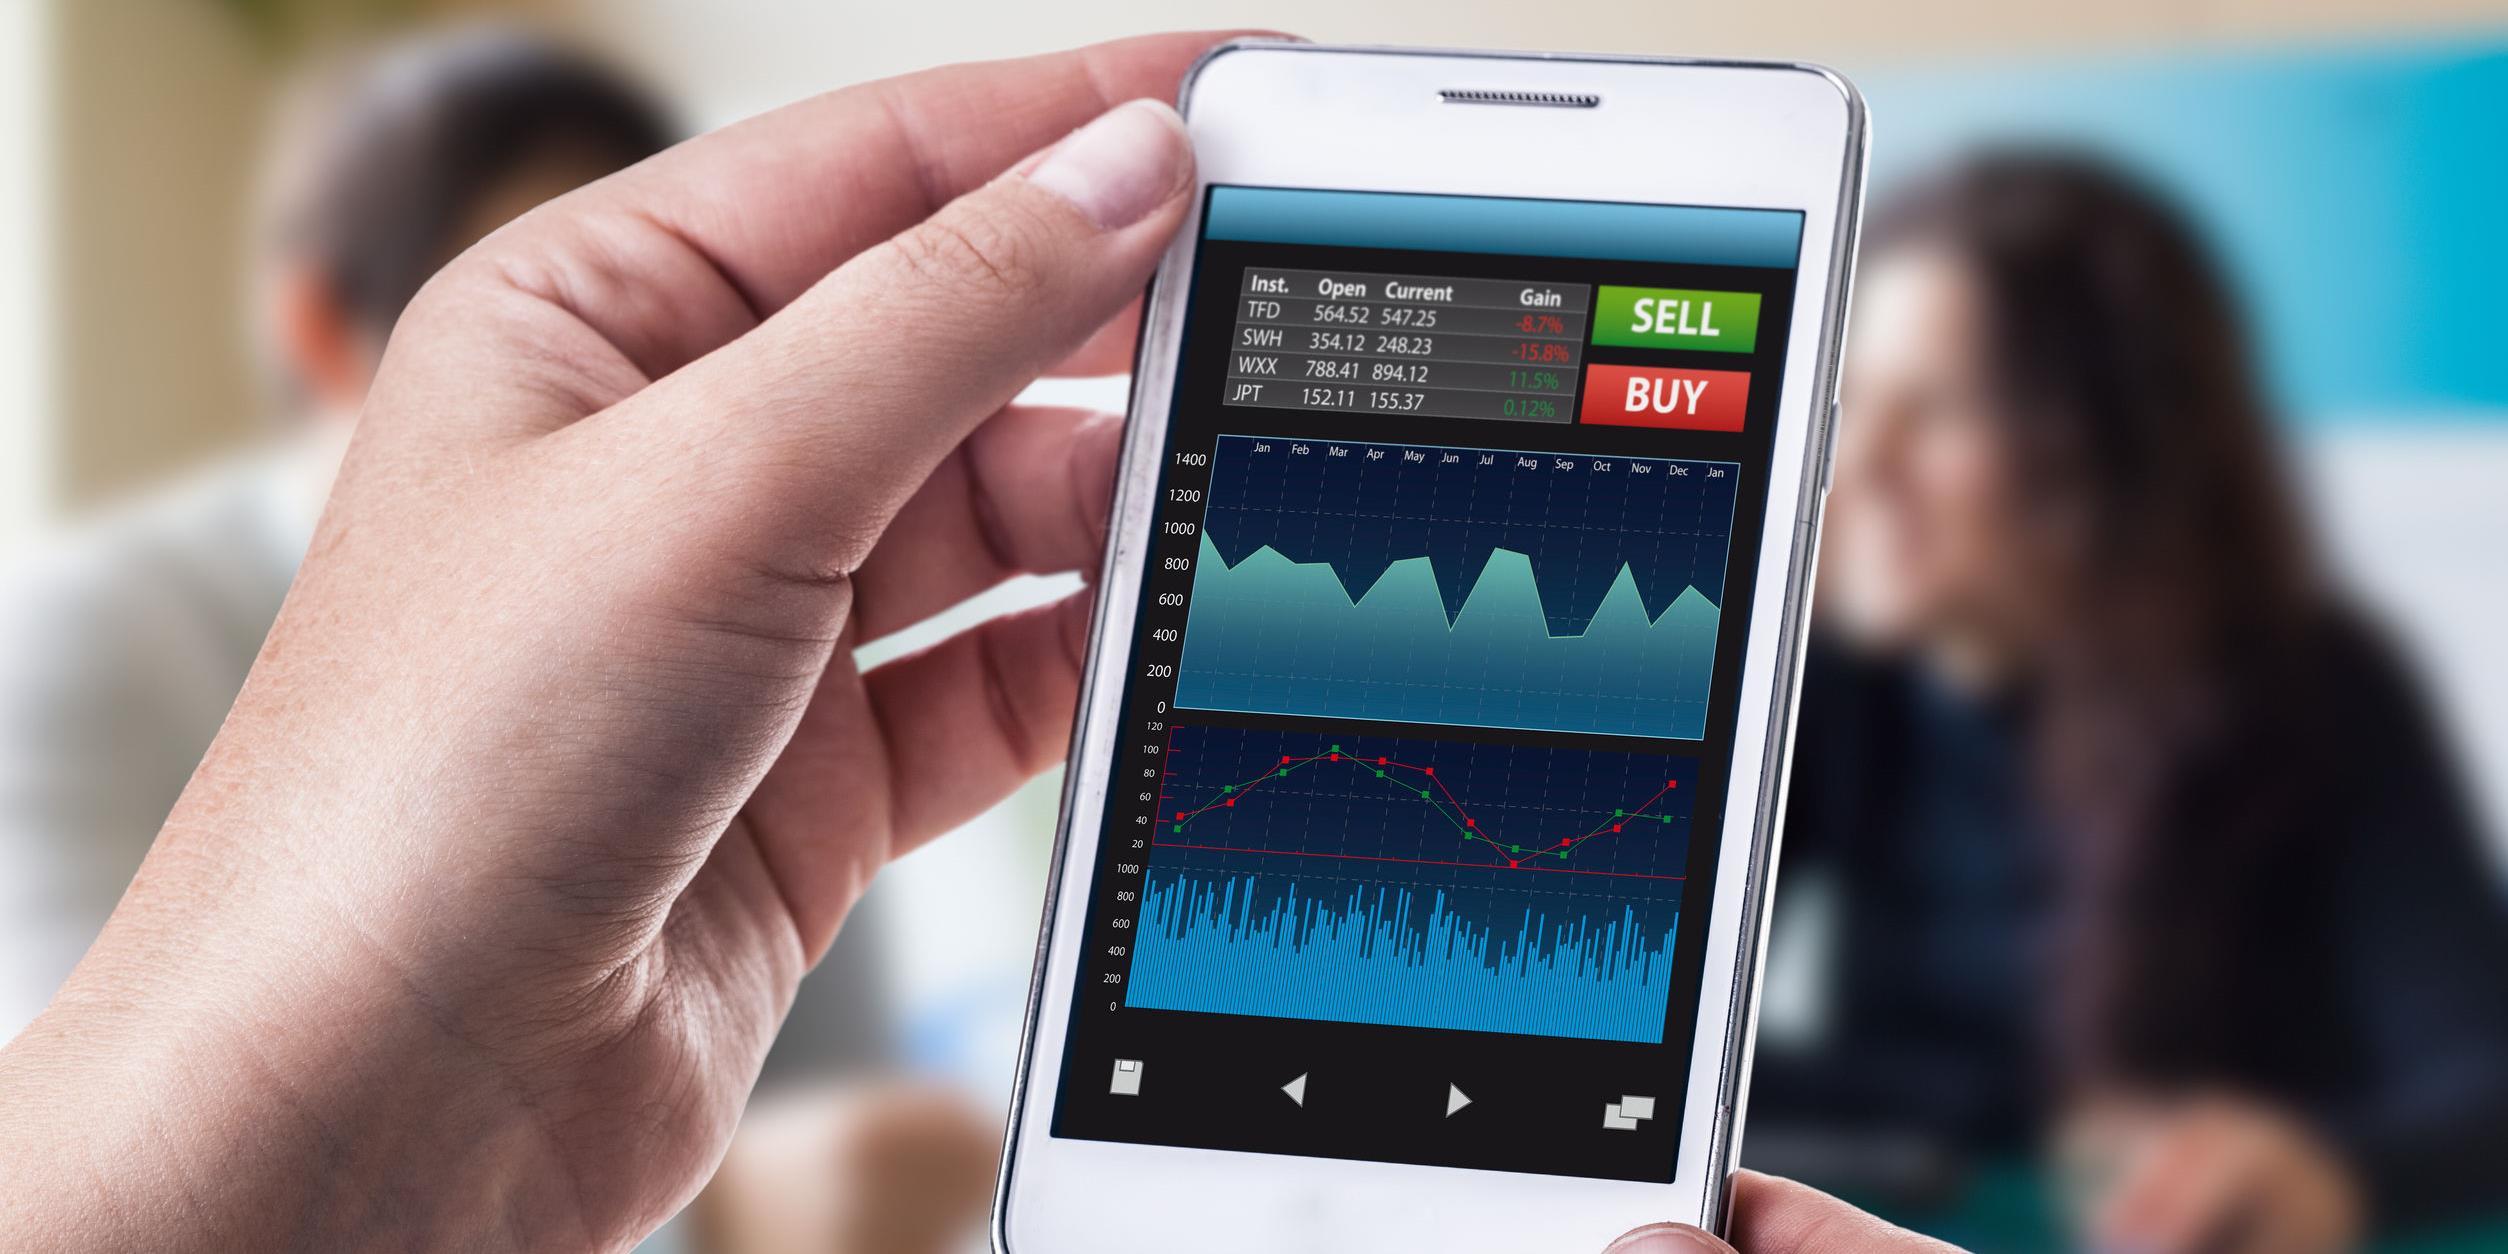 Binatex este o platformă de tranzacționare cu opțiuni binare